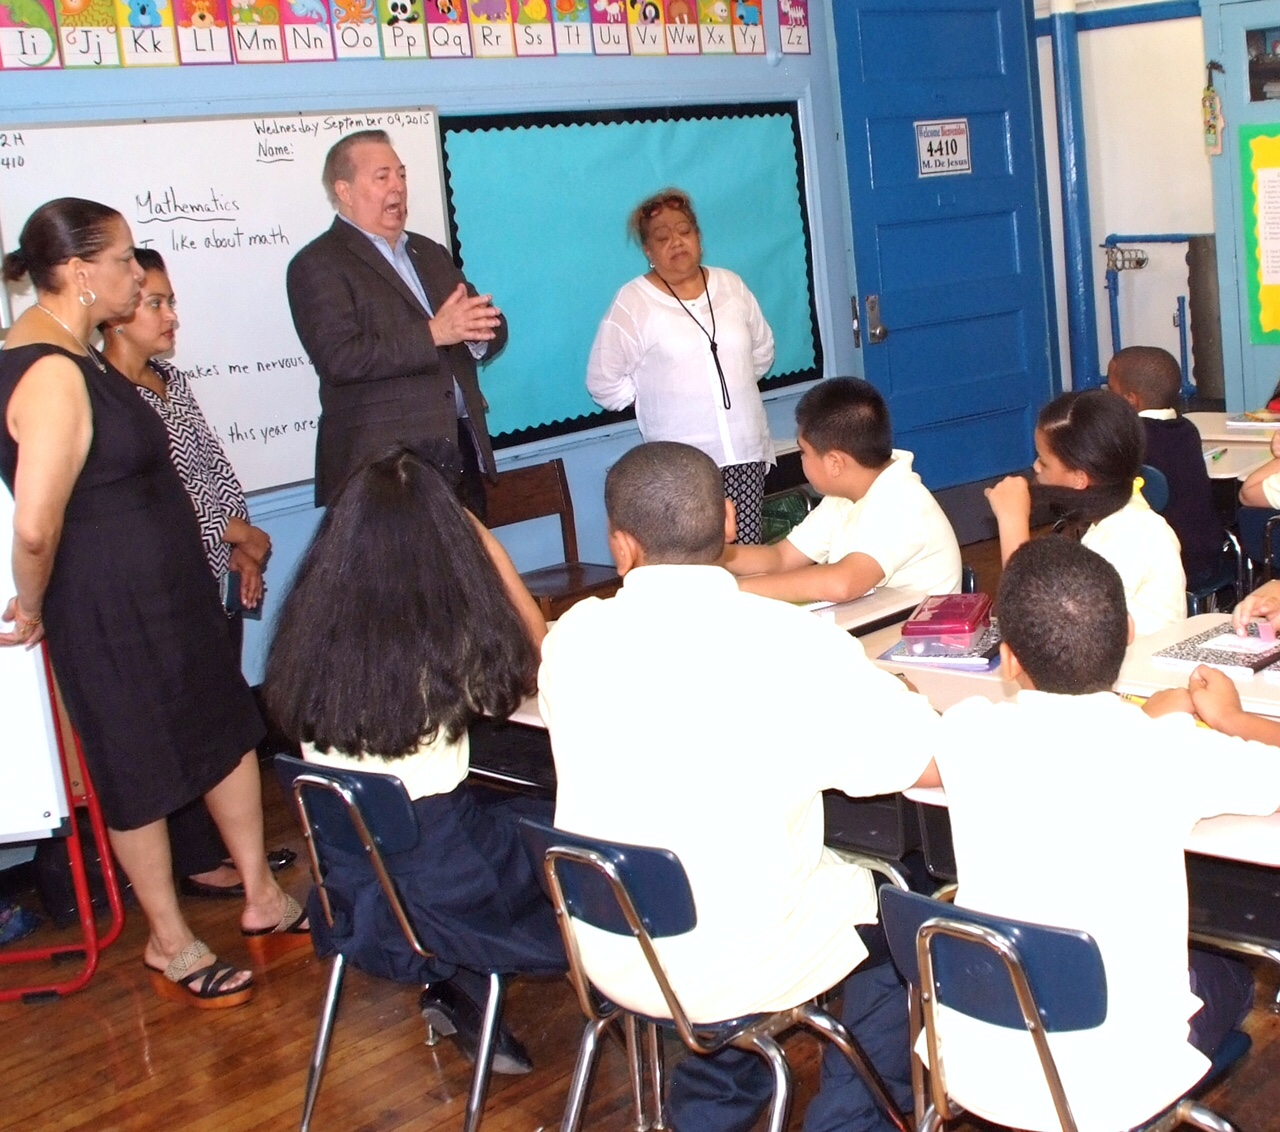 Cónsul dominicano en NY visita escuela Juan Pablo Duarte